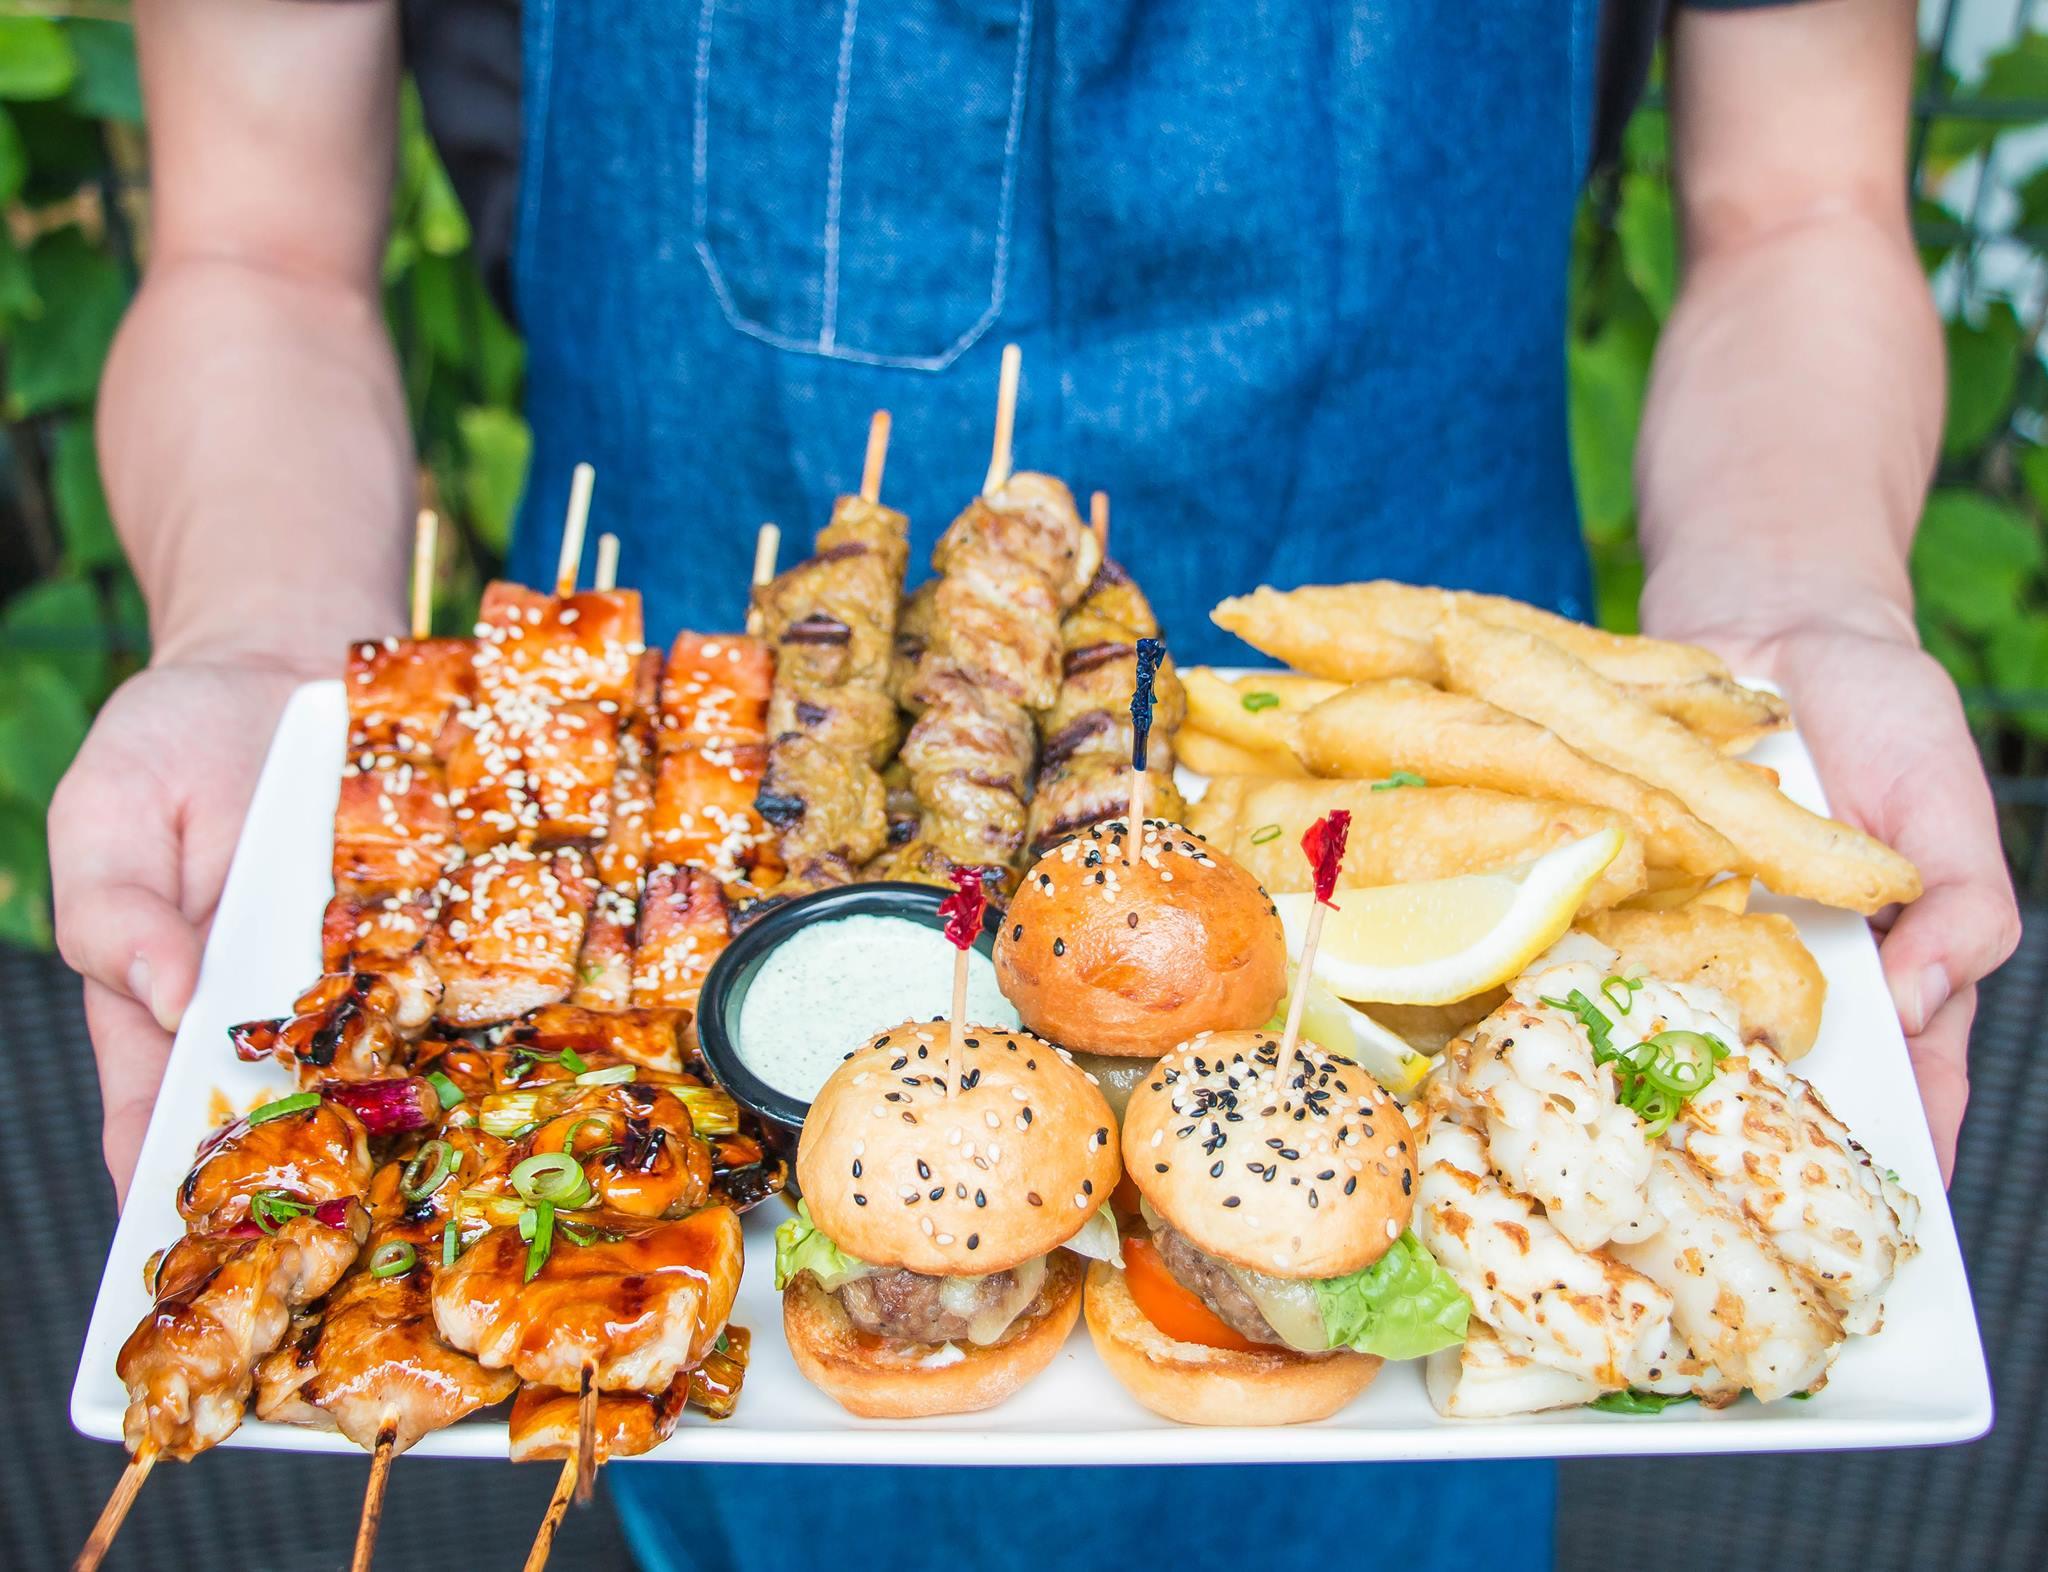 brunch fares and finger food platter